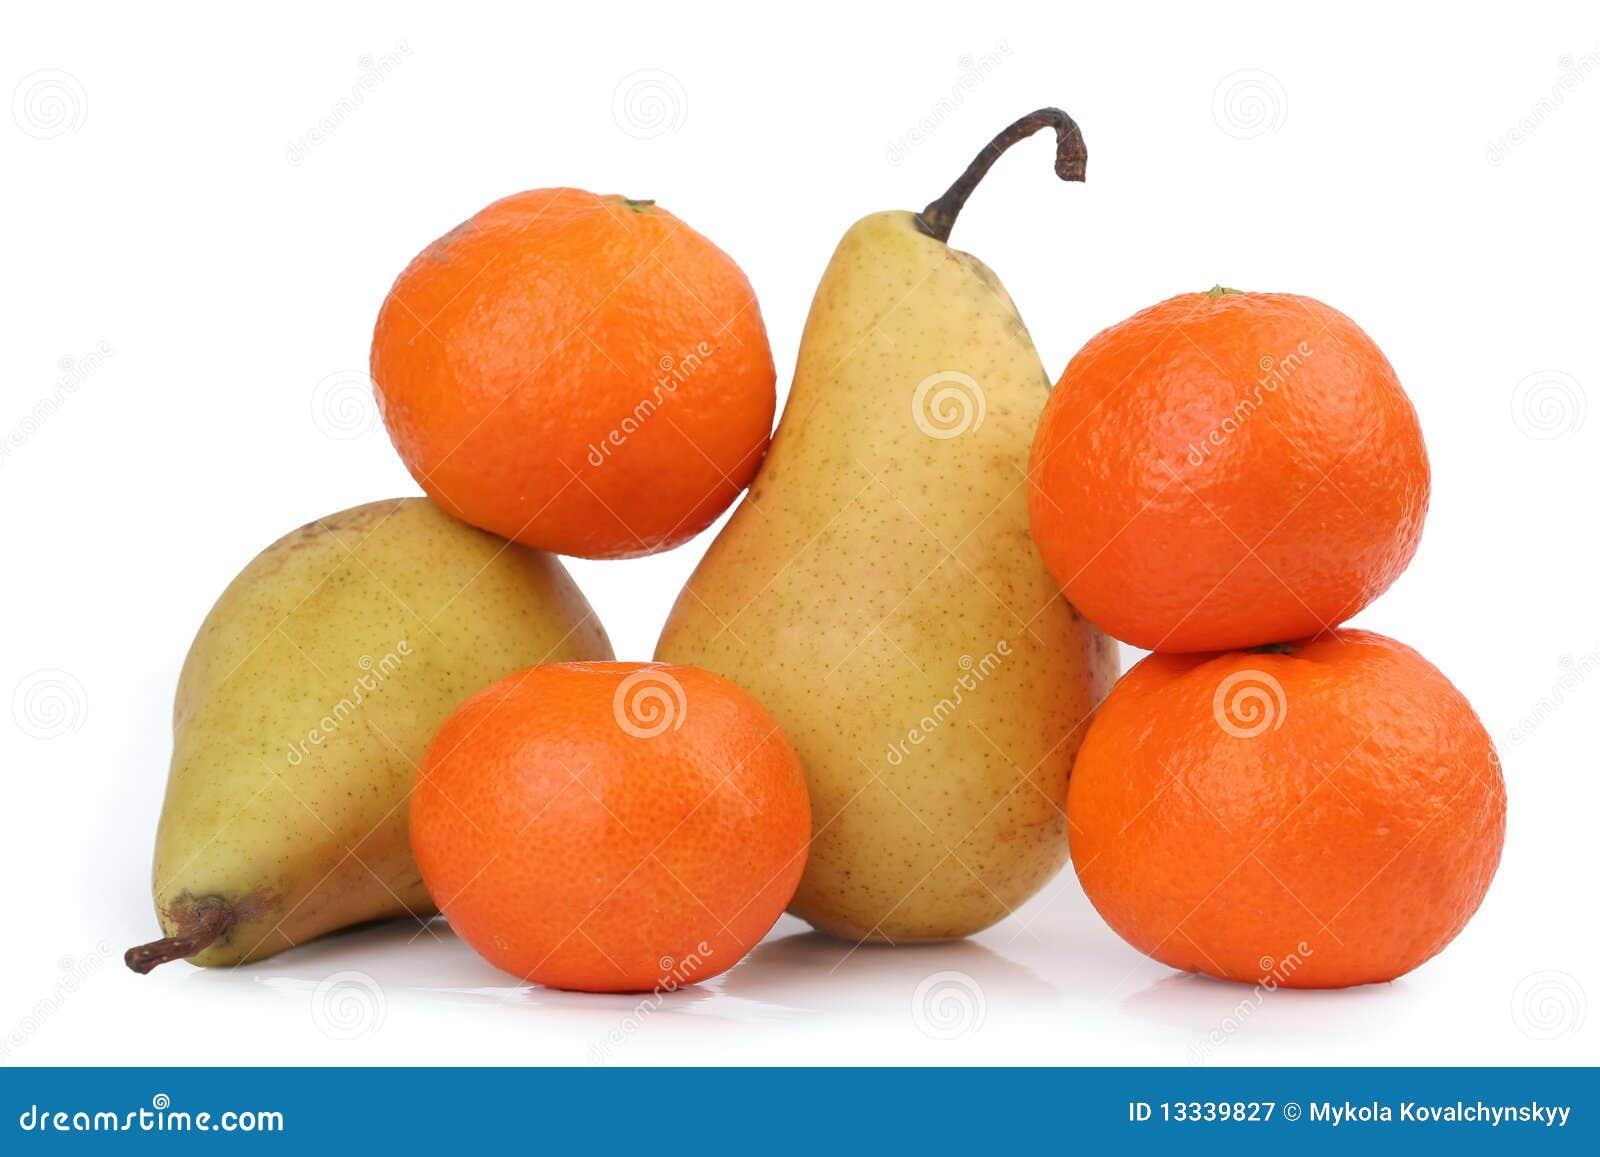 Bonkrety tangerine